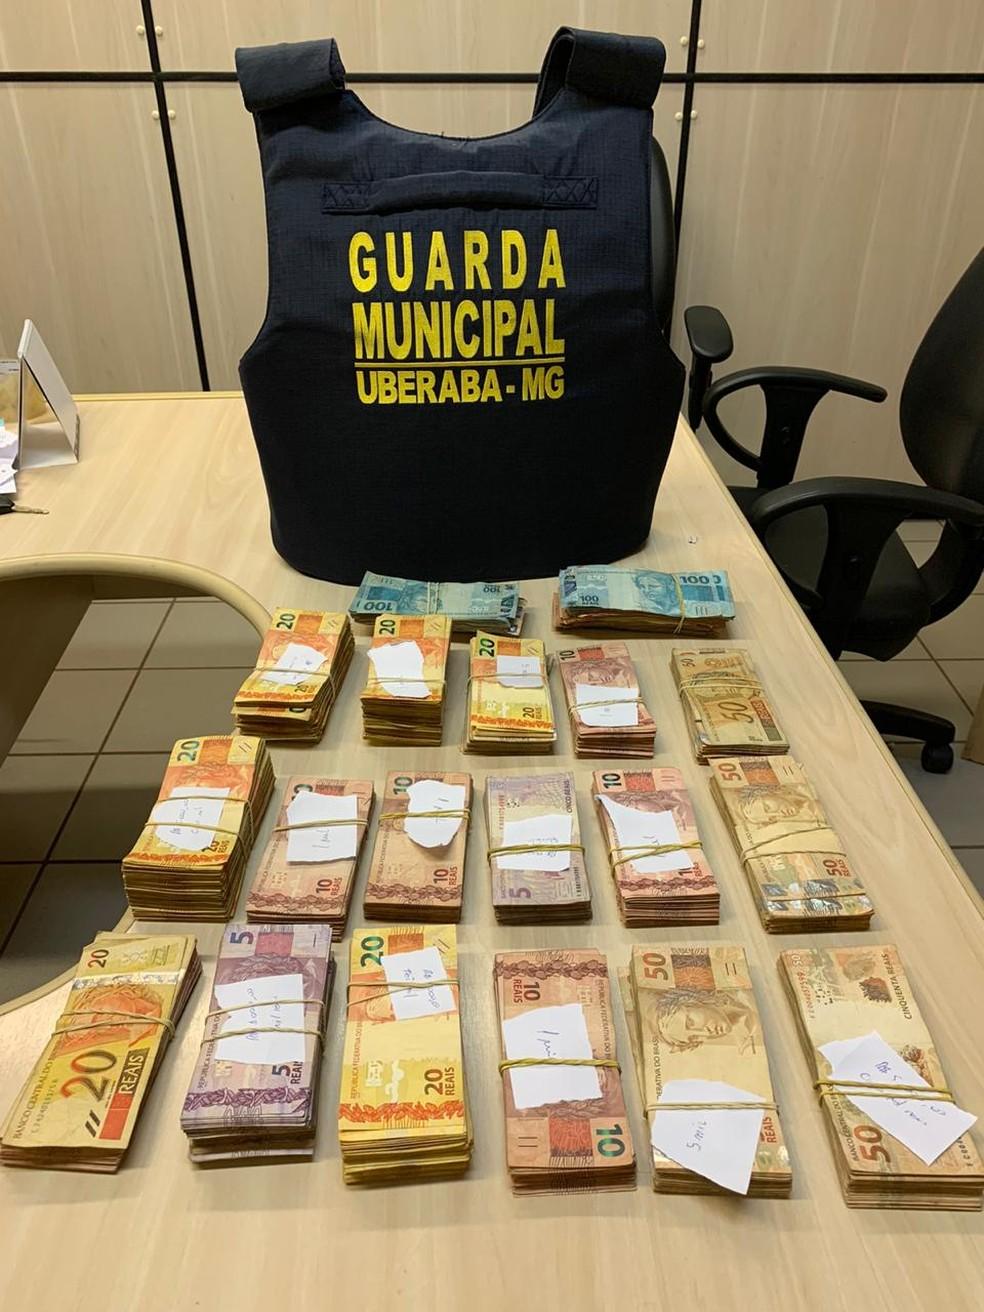 Dinheiro apreendido com mulher em suspeita de fraude no auxílio emergencial em Uberaba — Foto: Guarda Municipal/ Divulgação